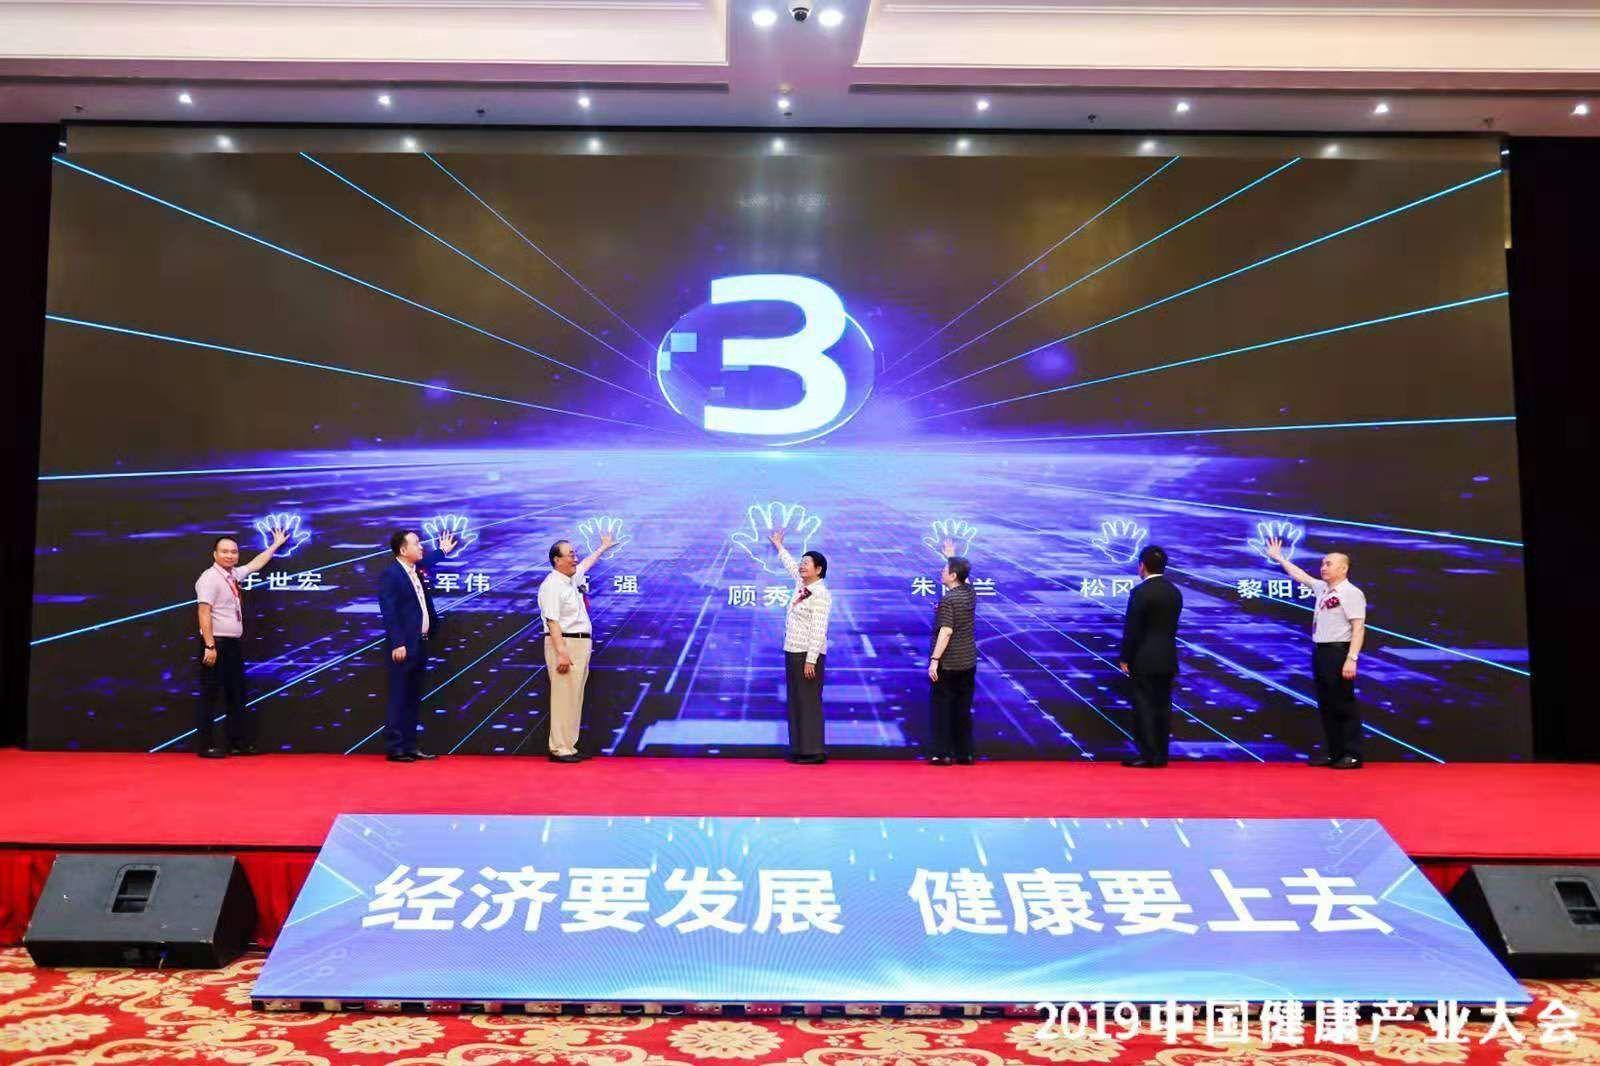 健康中国赋能产业发展 科技之光成就健康未来